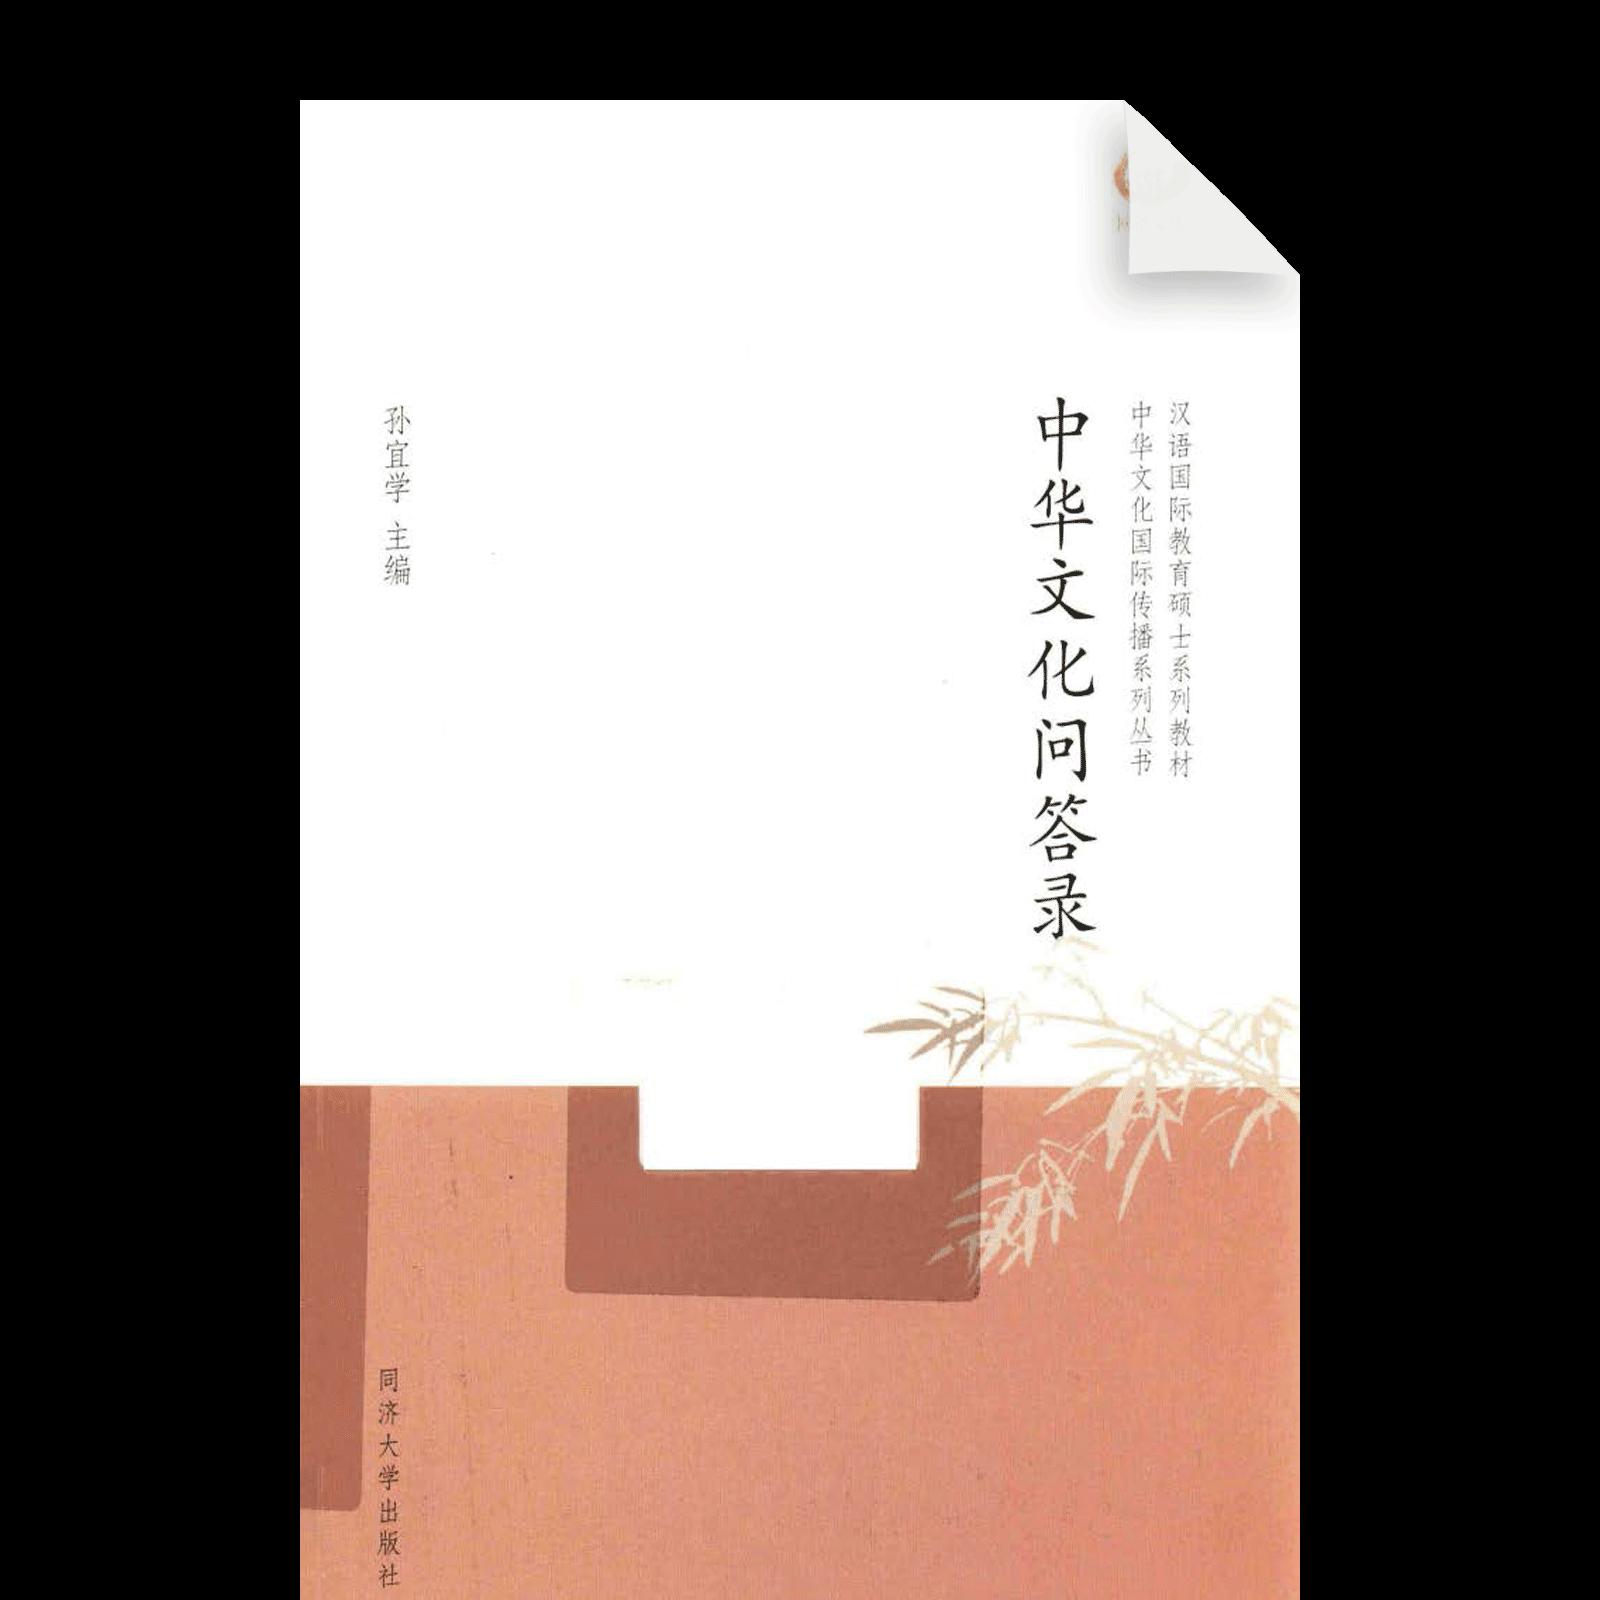 Zhonghua Hanzijing Qimiao Ziyuanzi